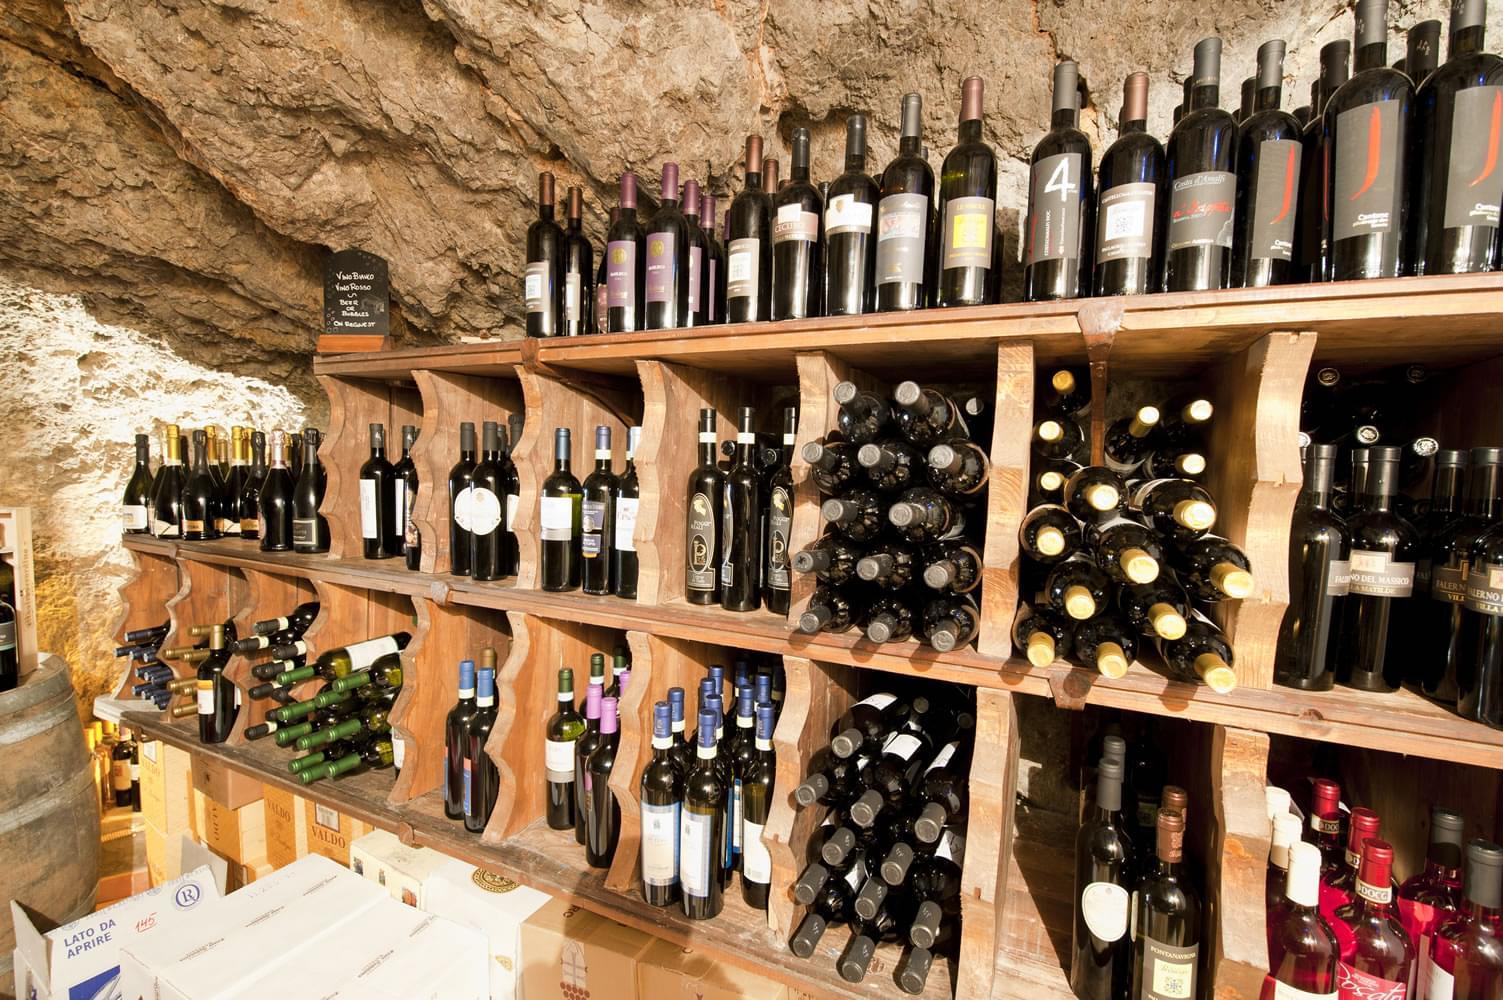 イタリア・アマルフィ海岸を見下ろす絶壁のレストラン「Il Pirata」が美しすぎると話題に!